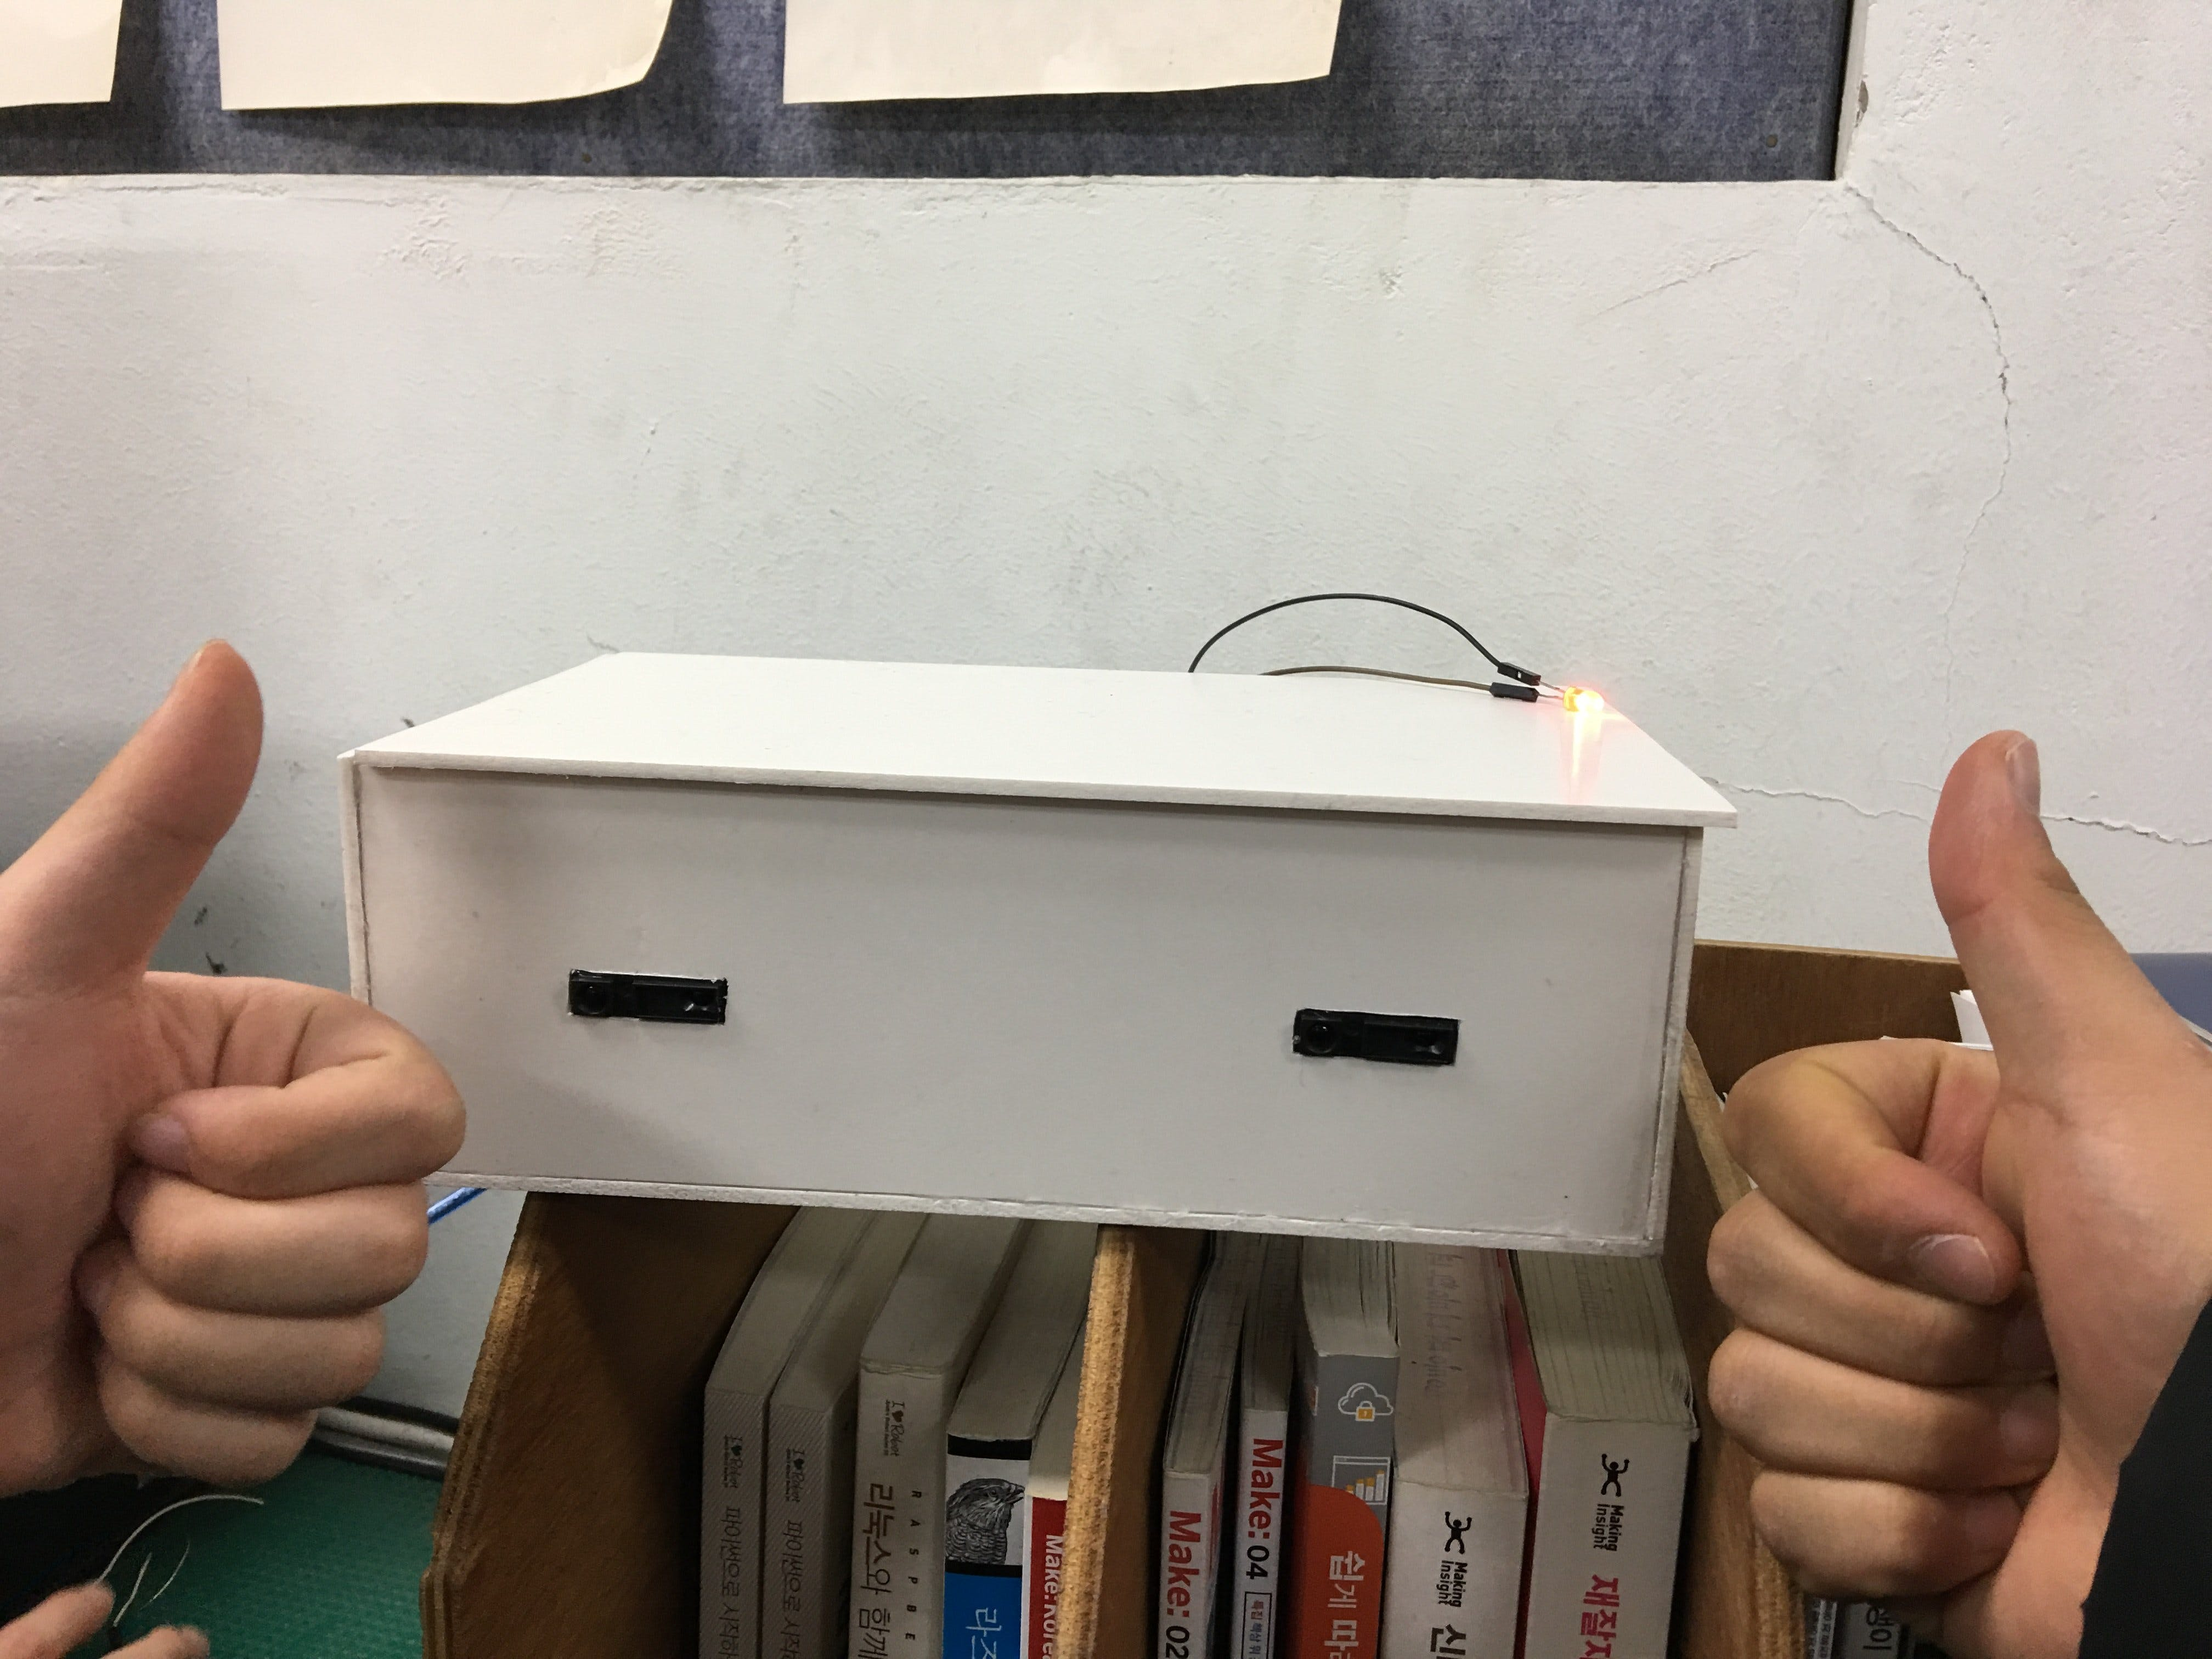 적외선 센서를 이용한 스마트조명